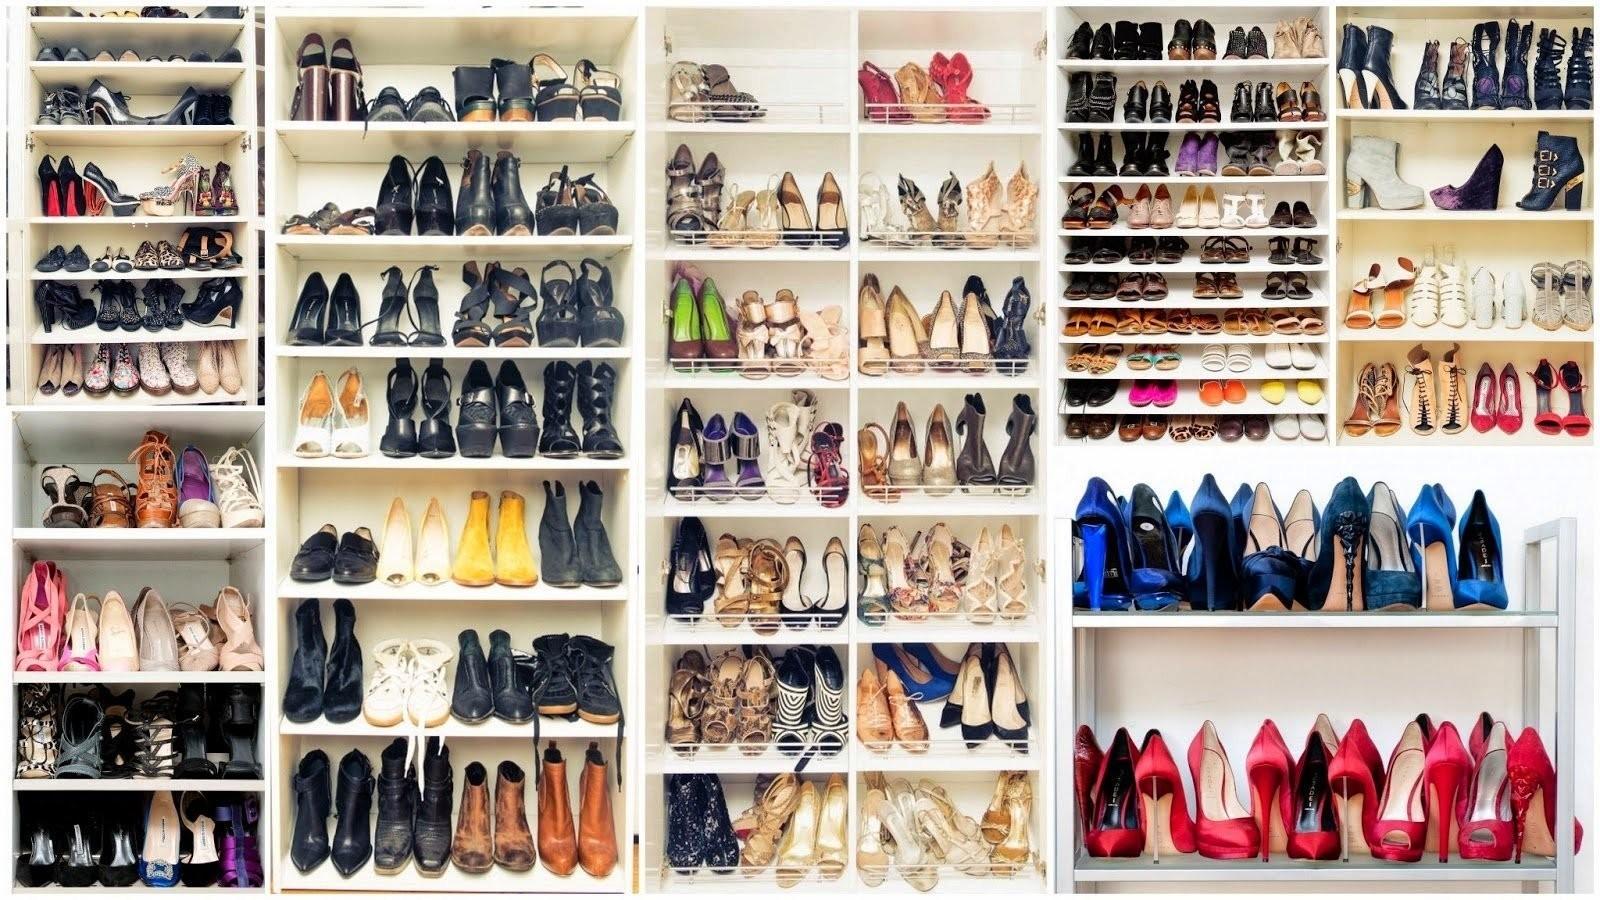 d2b301f9c Los zapatos son la prenda más buscada por los españoles